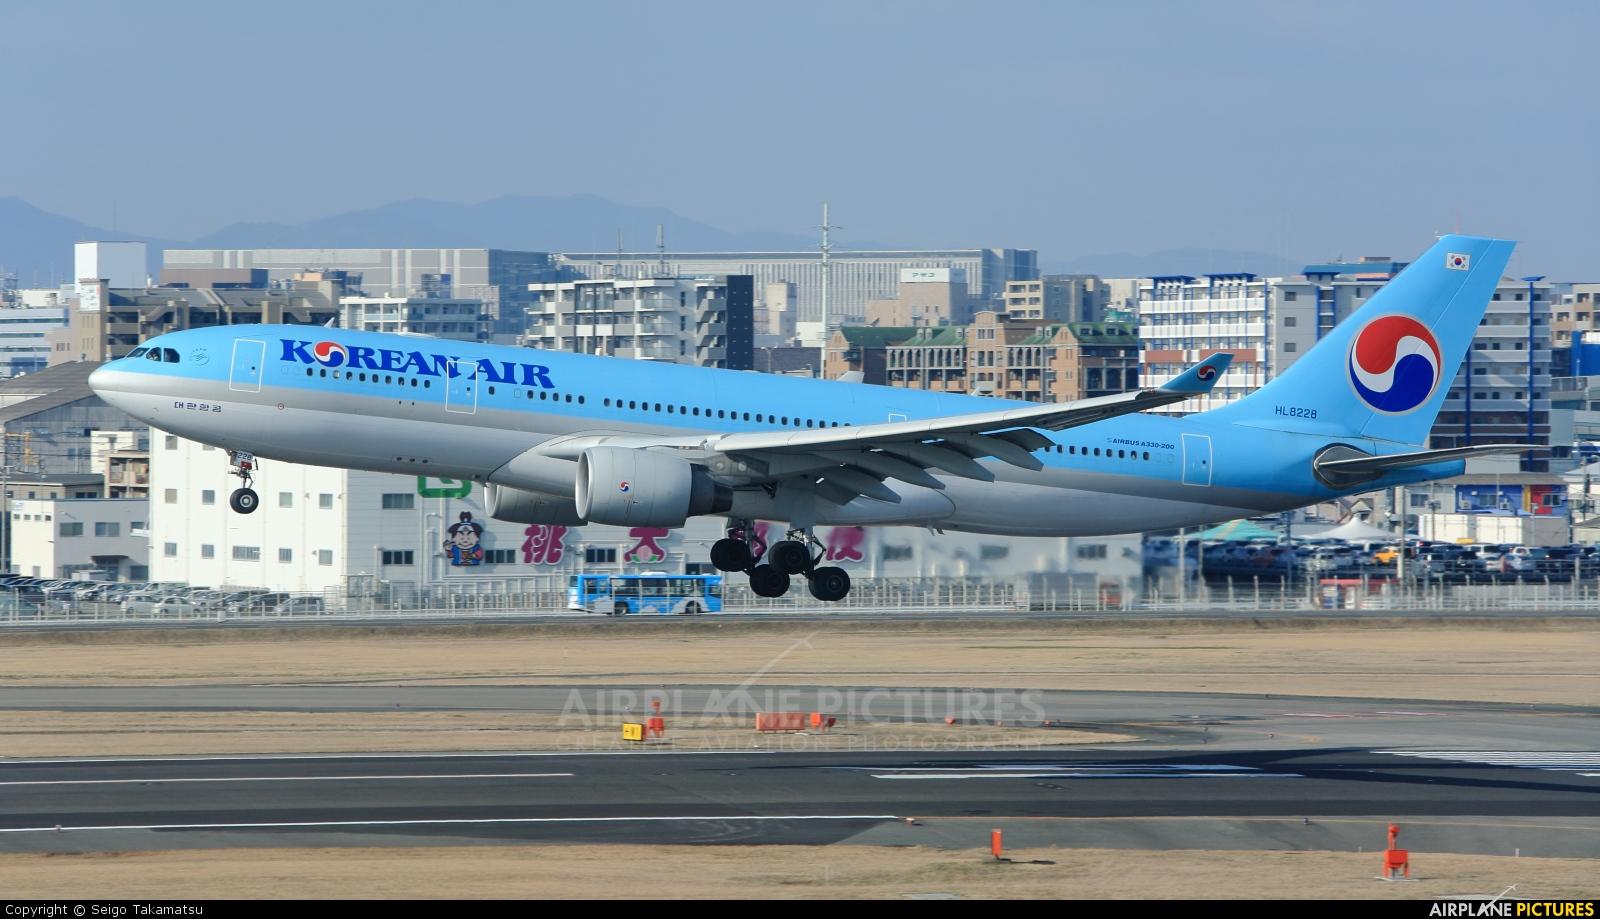 Korean Air HL8228 aircraft at Fukuoka